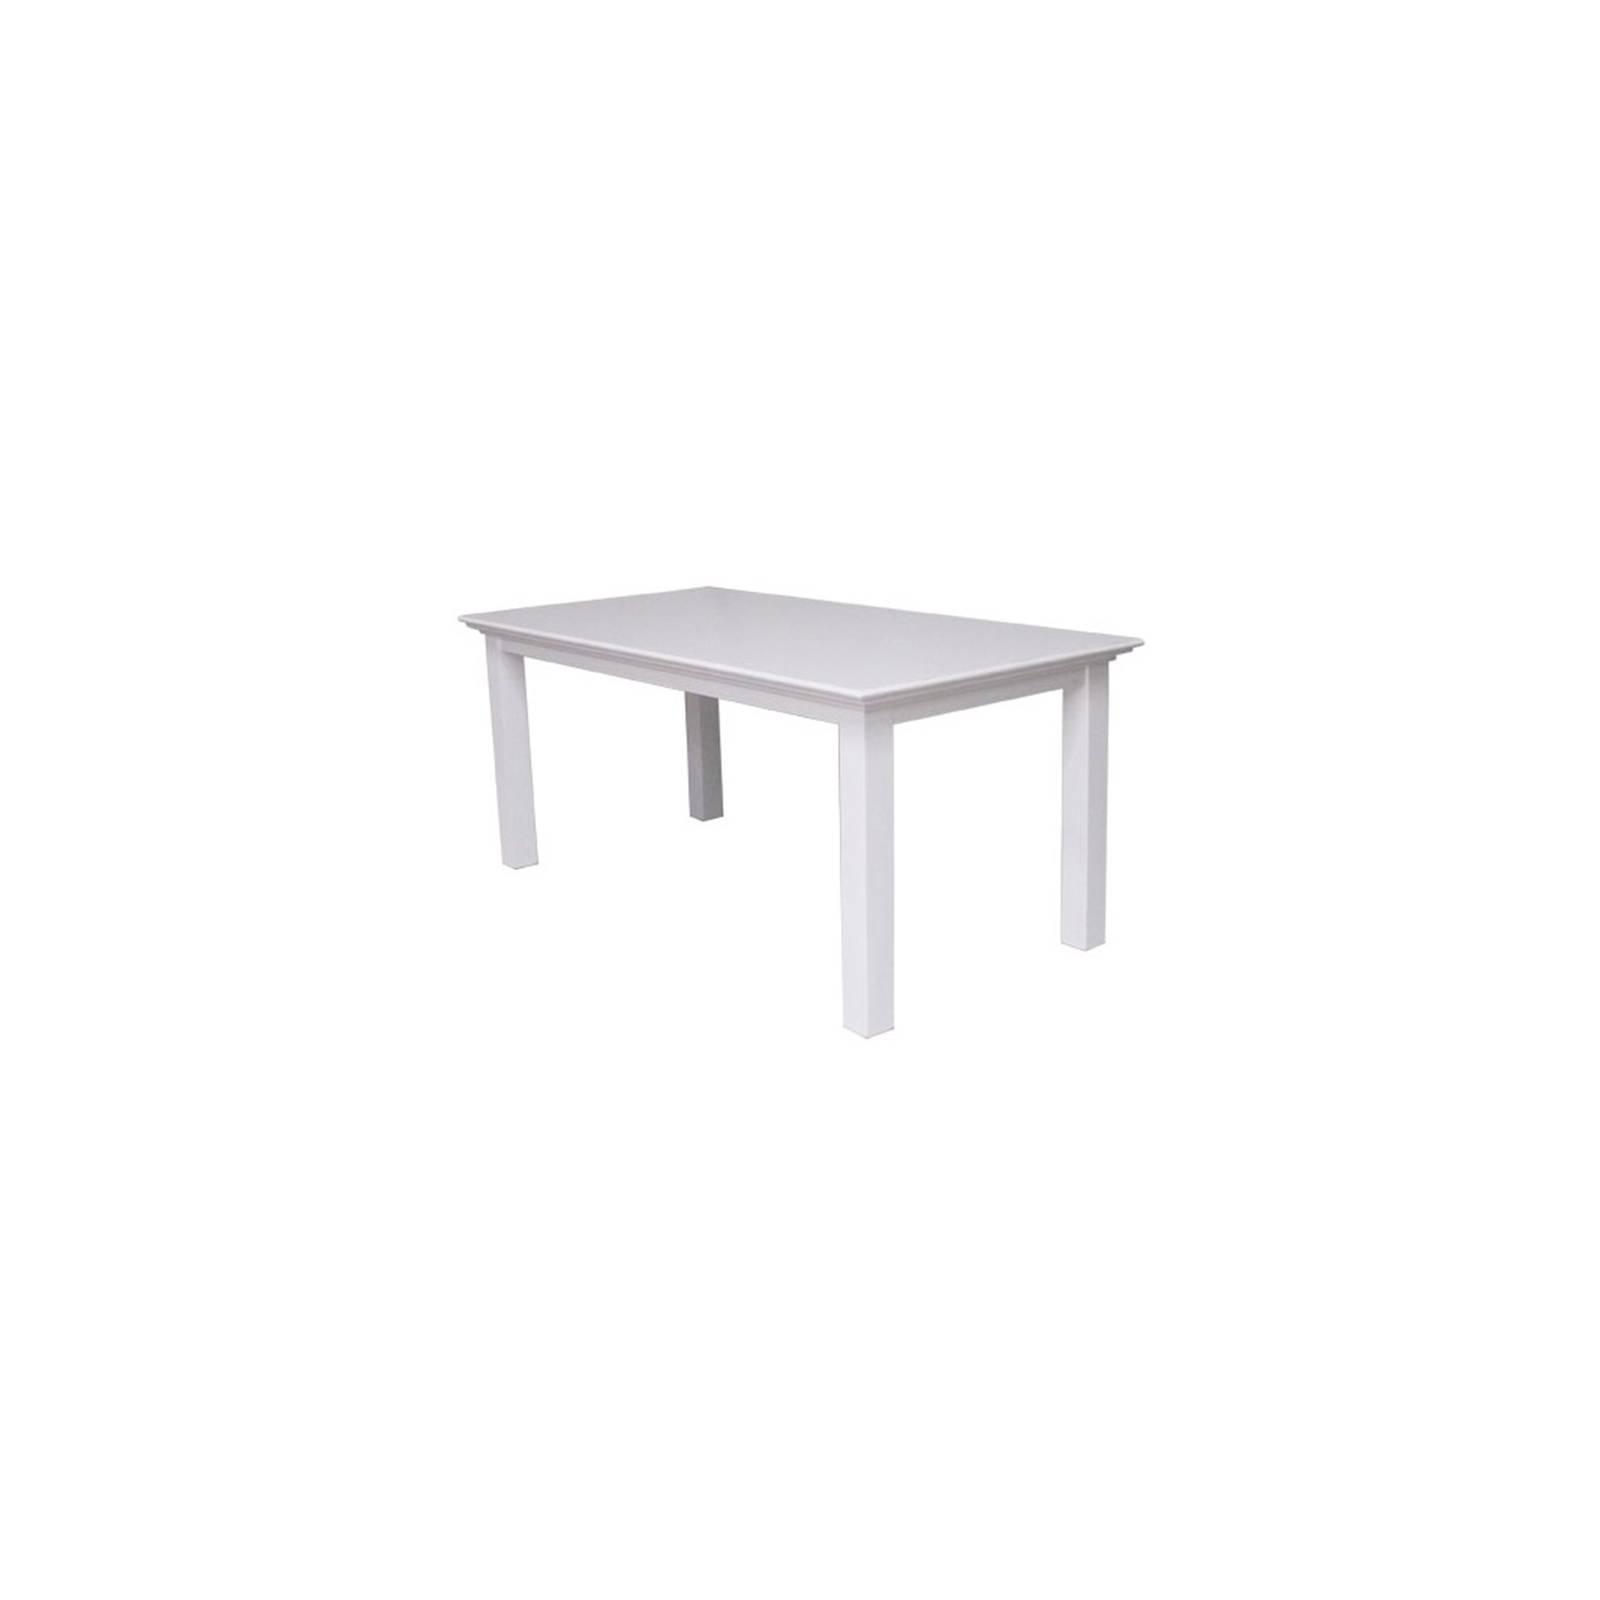 Table De Repas Rectangulaire Torini Acajou - meuble bois massif